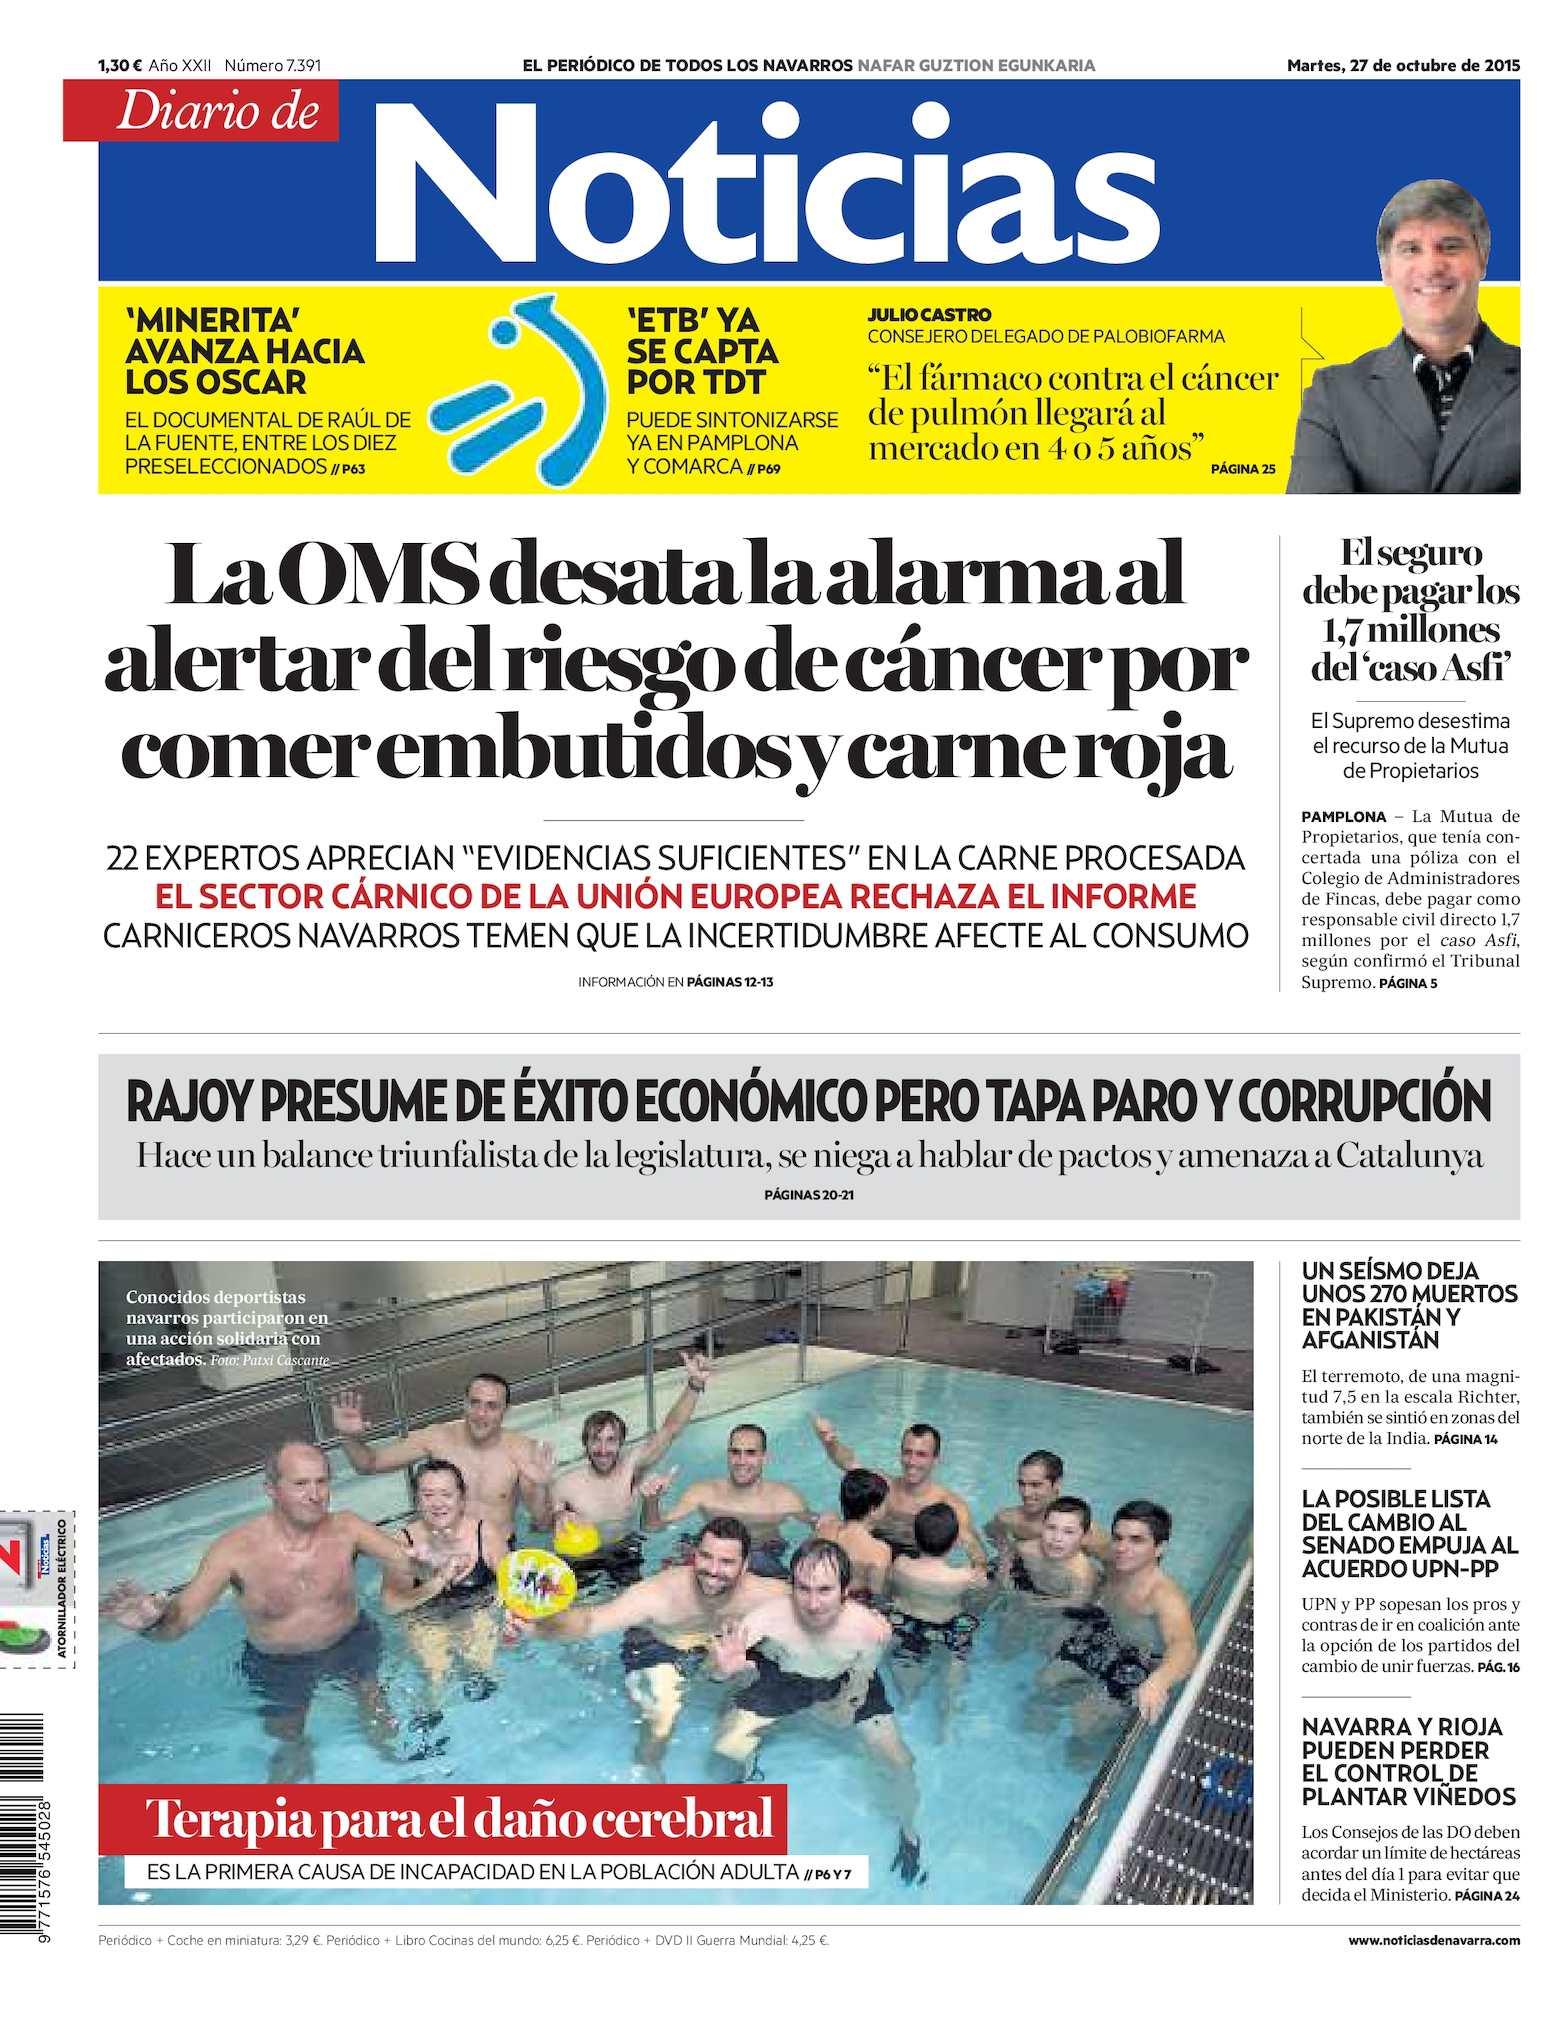 Calaméo - Diario de Noticias 20151027 6c7b1d1401e